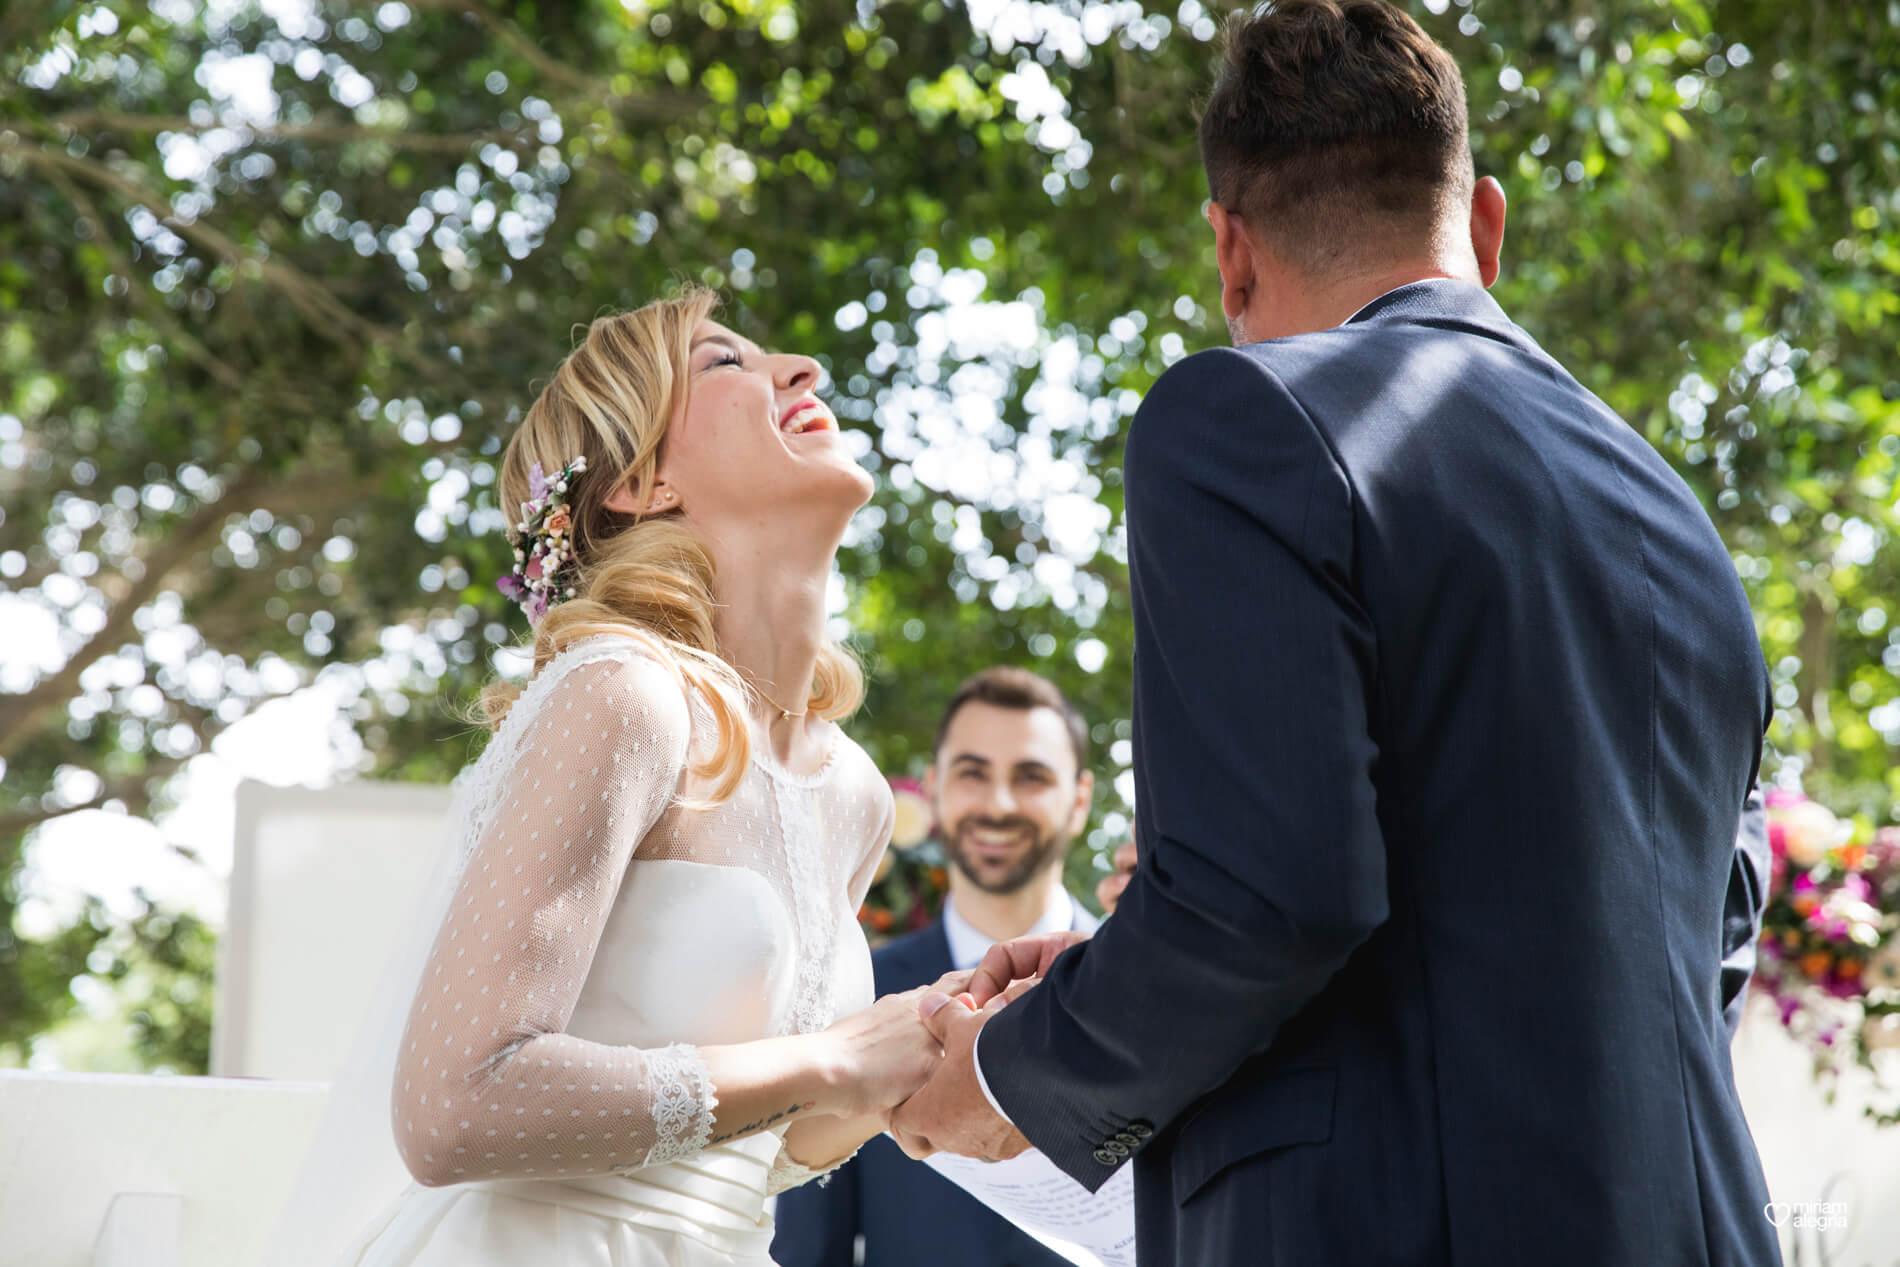 boda-en-finca-villa-vera-de-alemc7-miriam-alegria-fotografos-boda-murcia-64